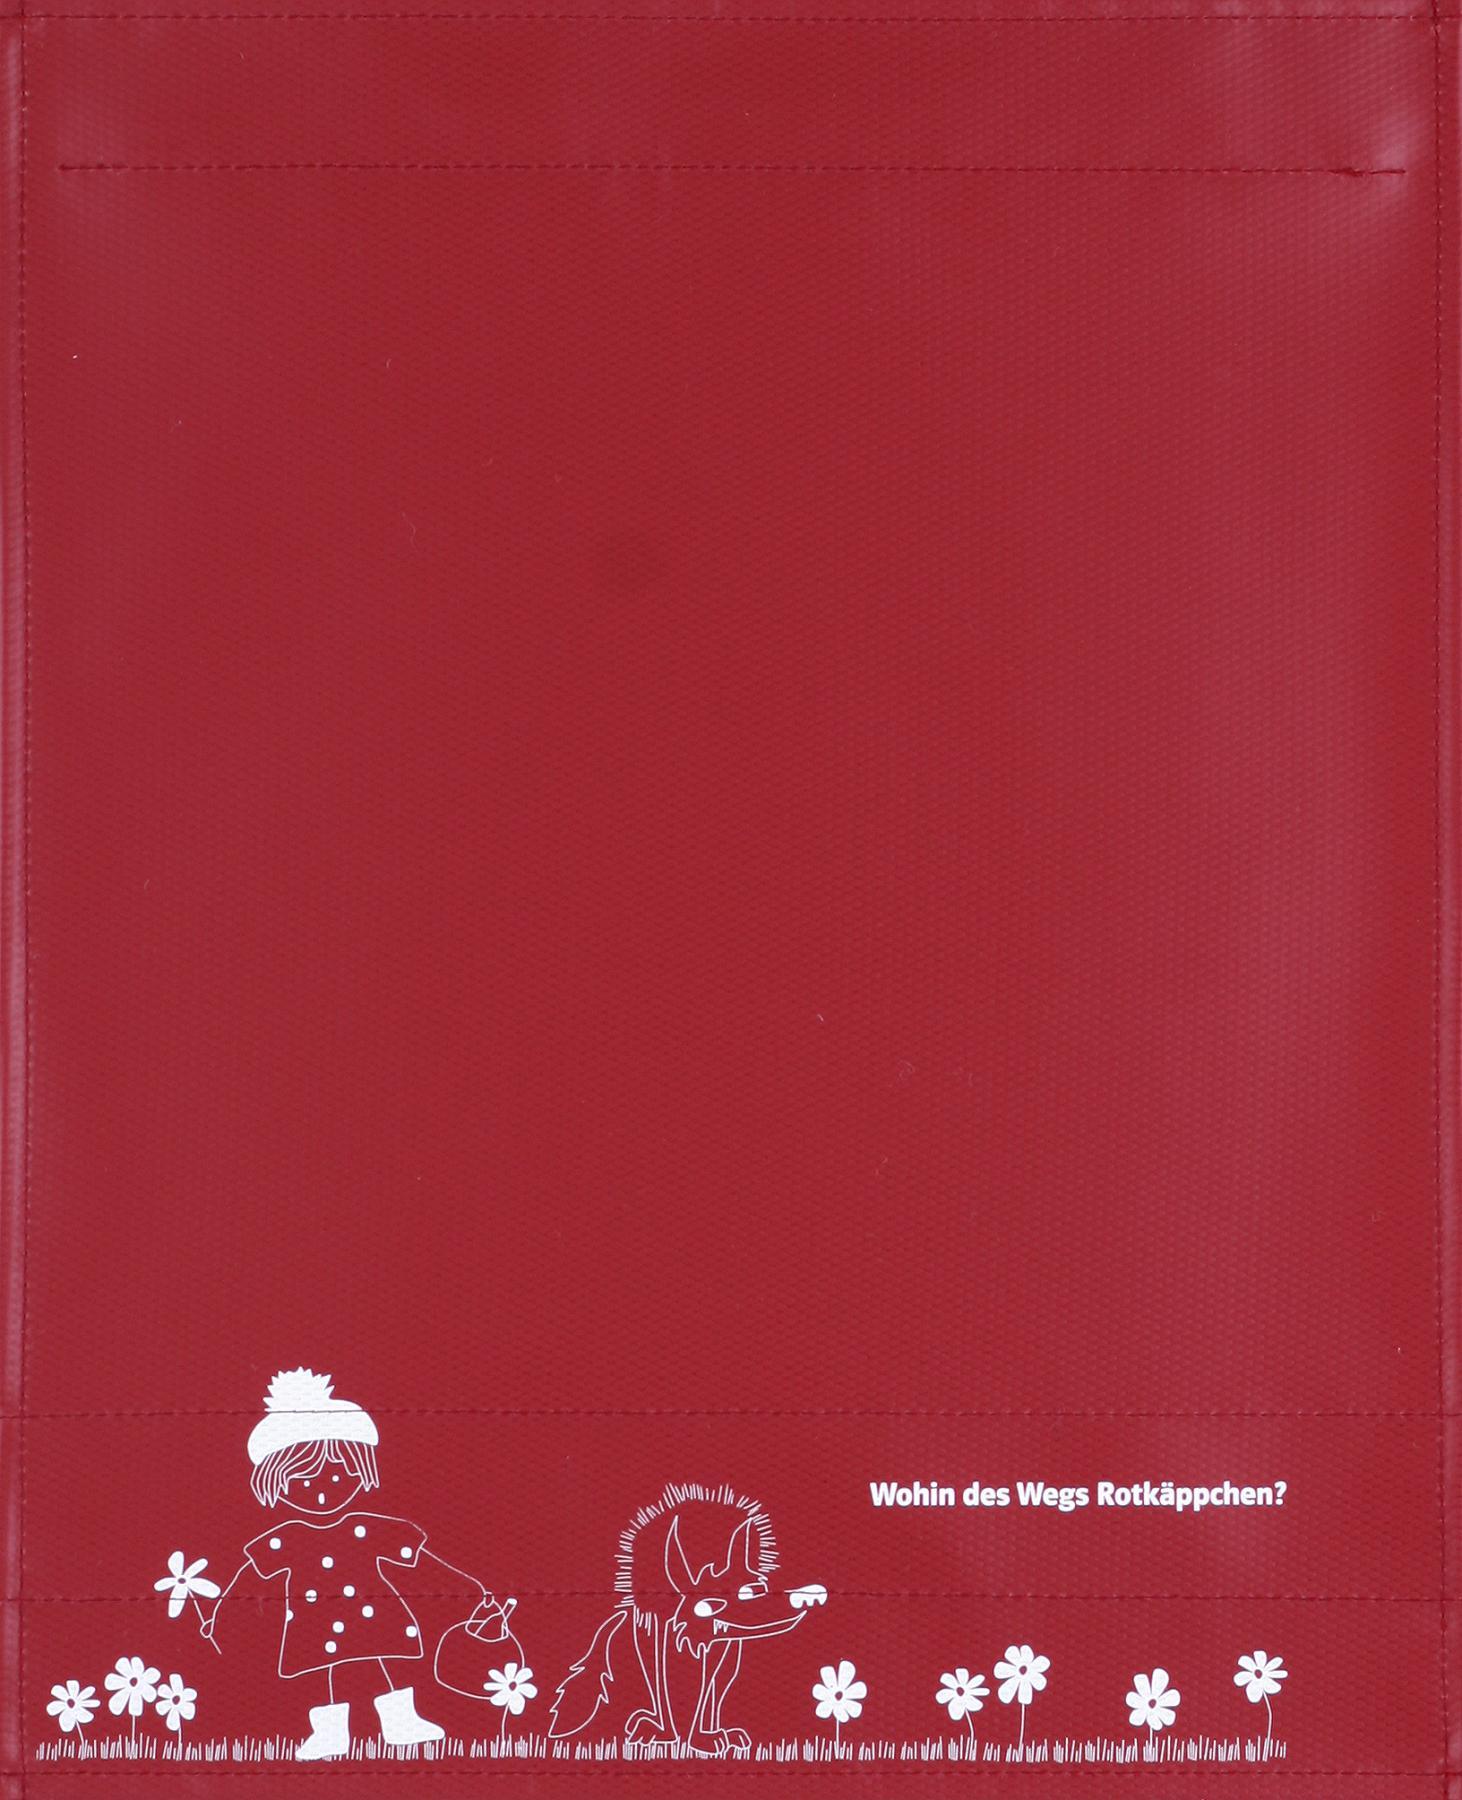 Rotkäppchen burgunder (groß)